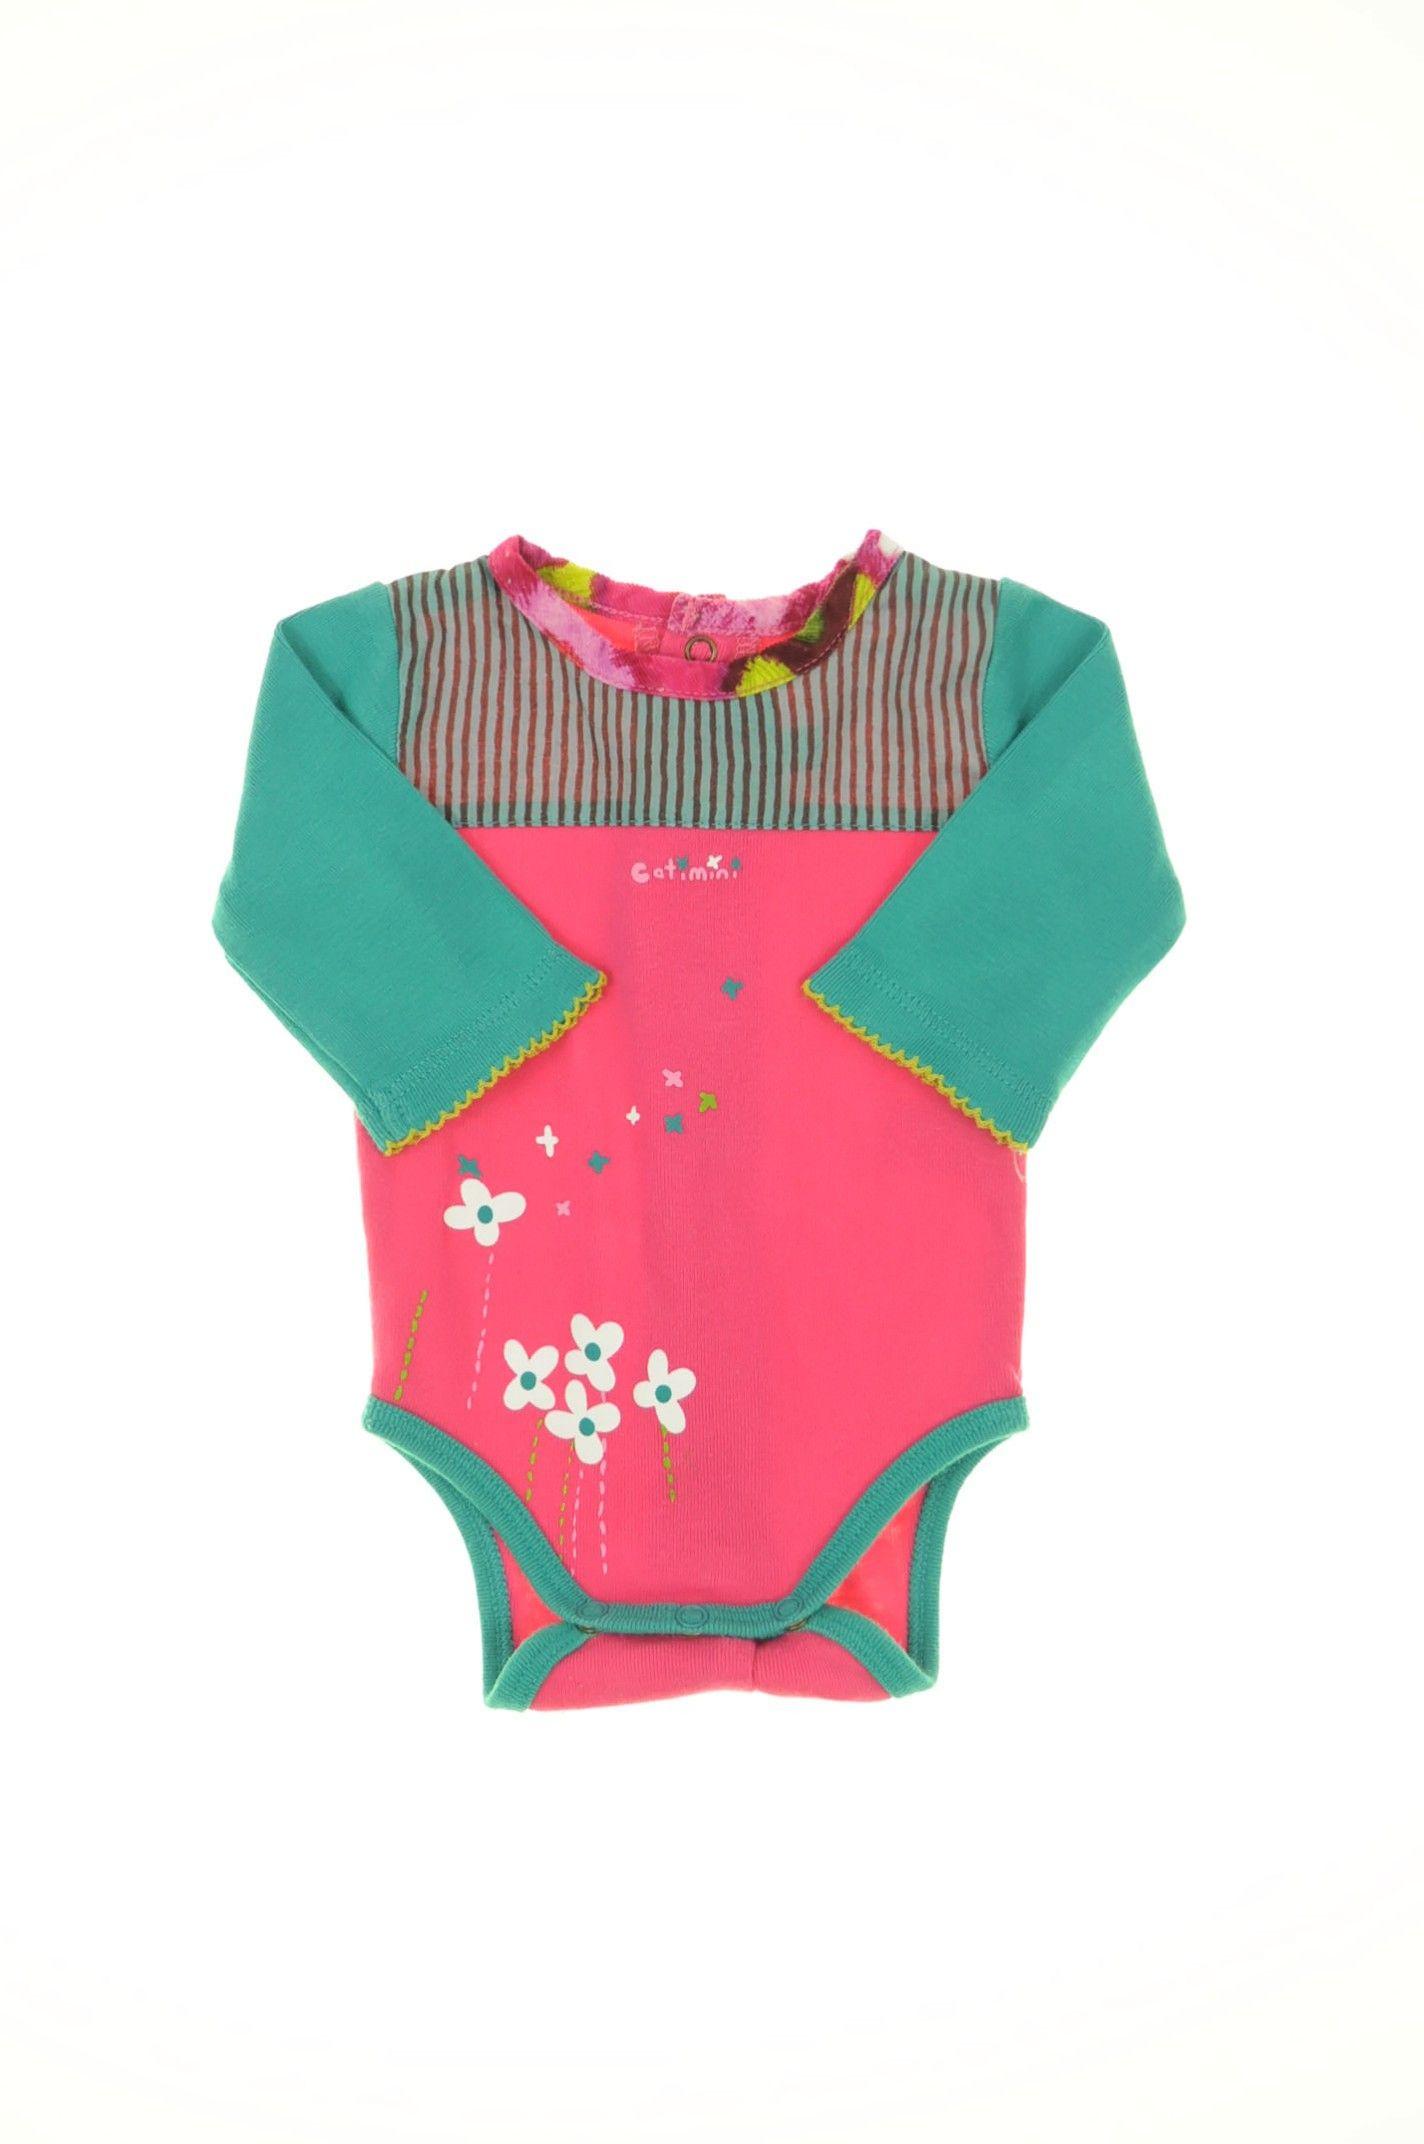 ee4ffcd8c159a Body de la marque Catimini en taille 0 Naissance - Affairesdeptits vetement  occasion enfant bebe pas